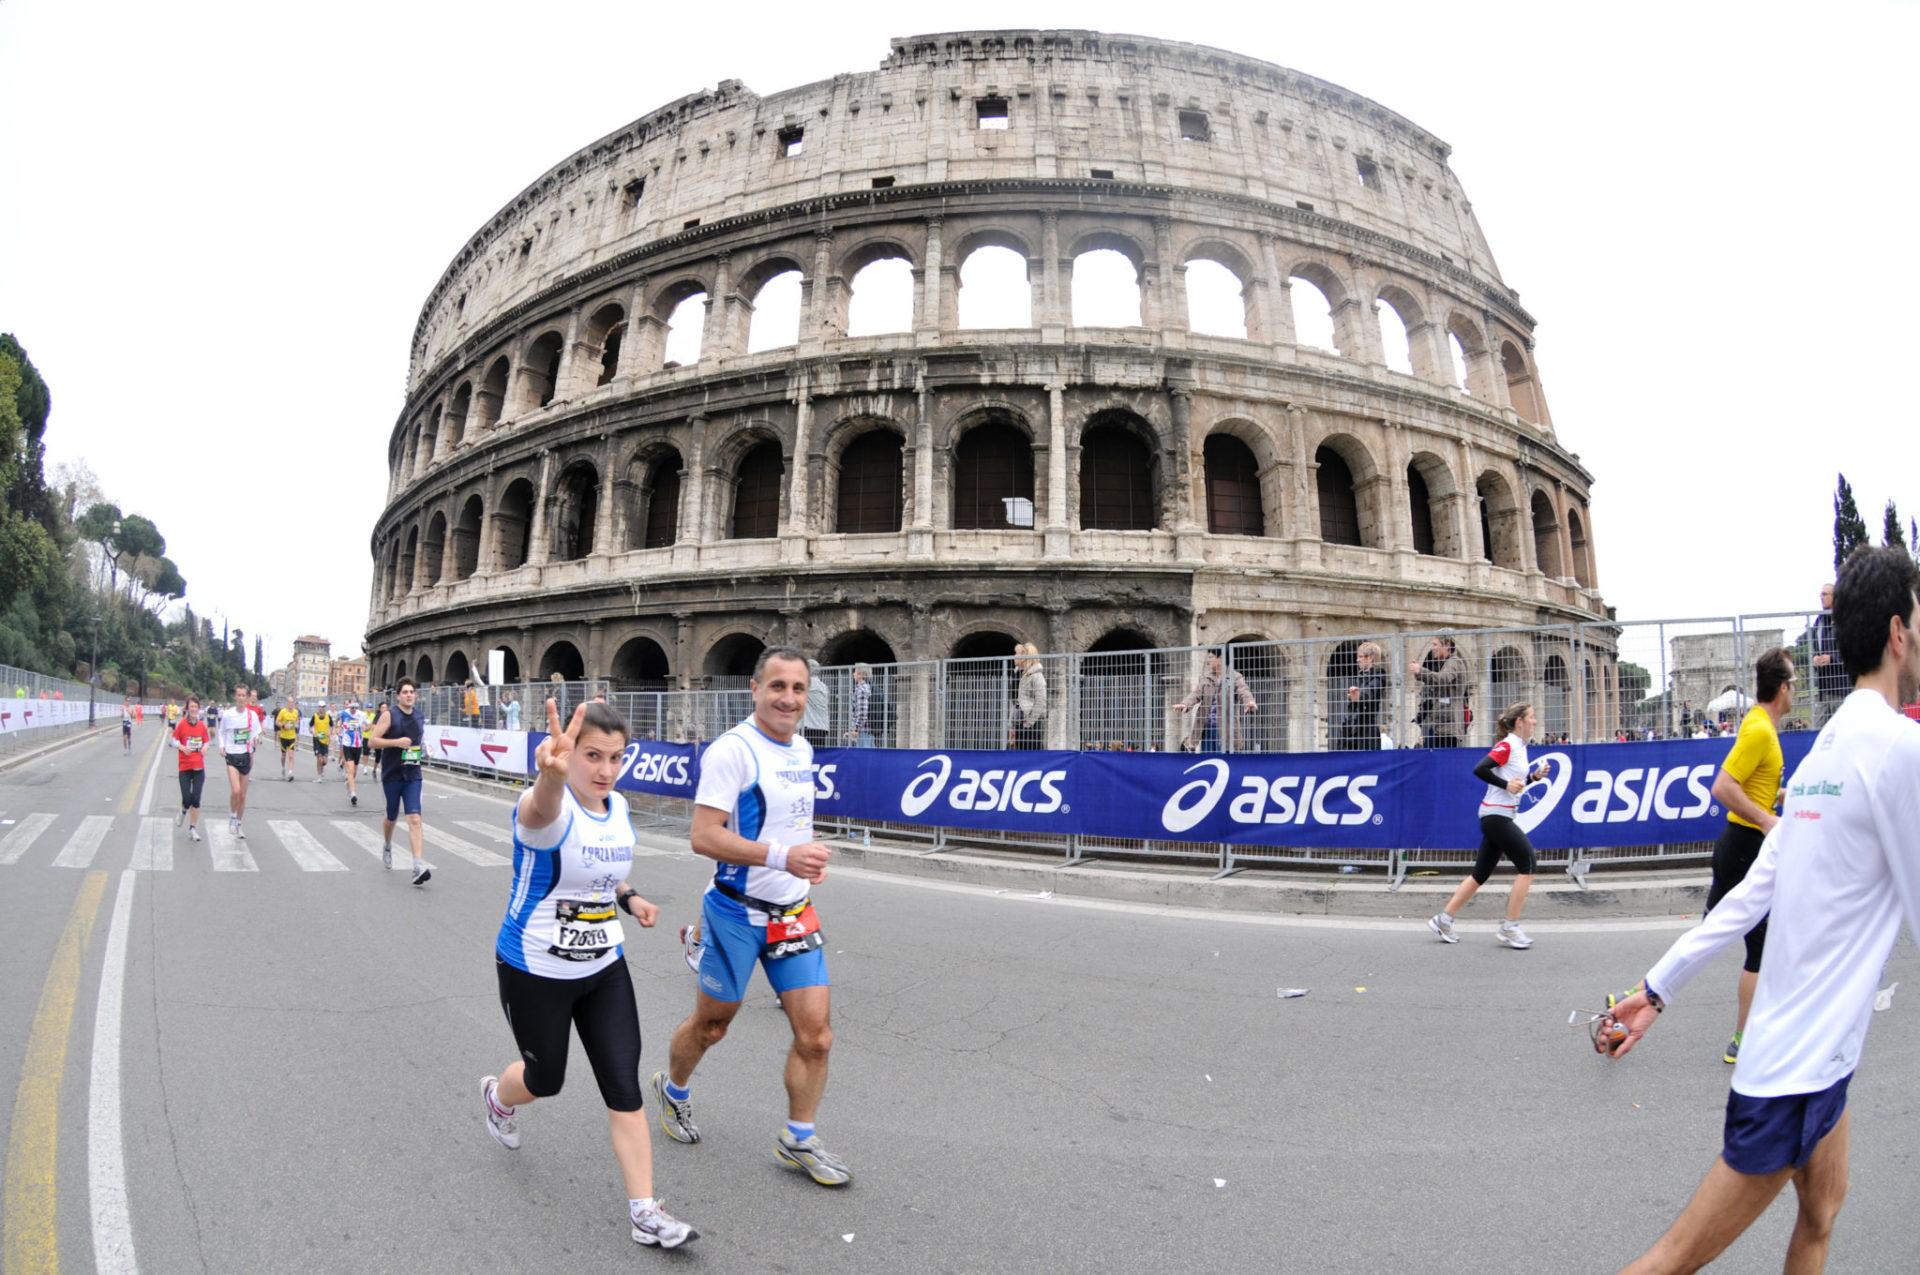 Le statistiche della Maratona di Roma